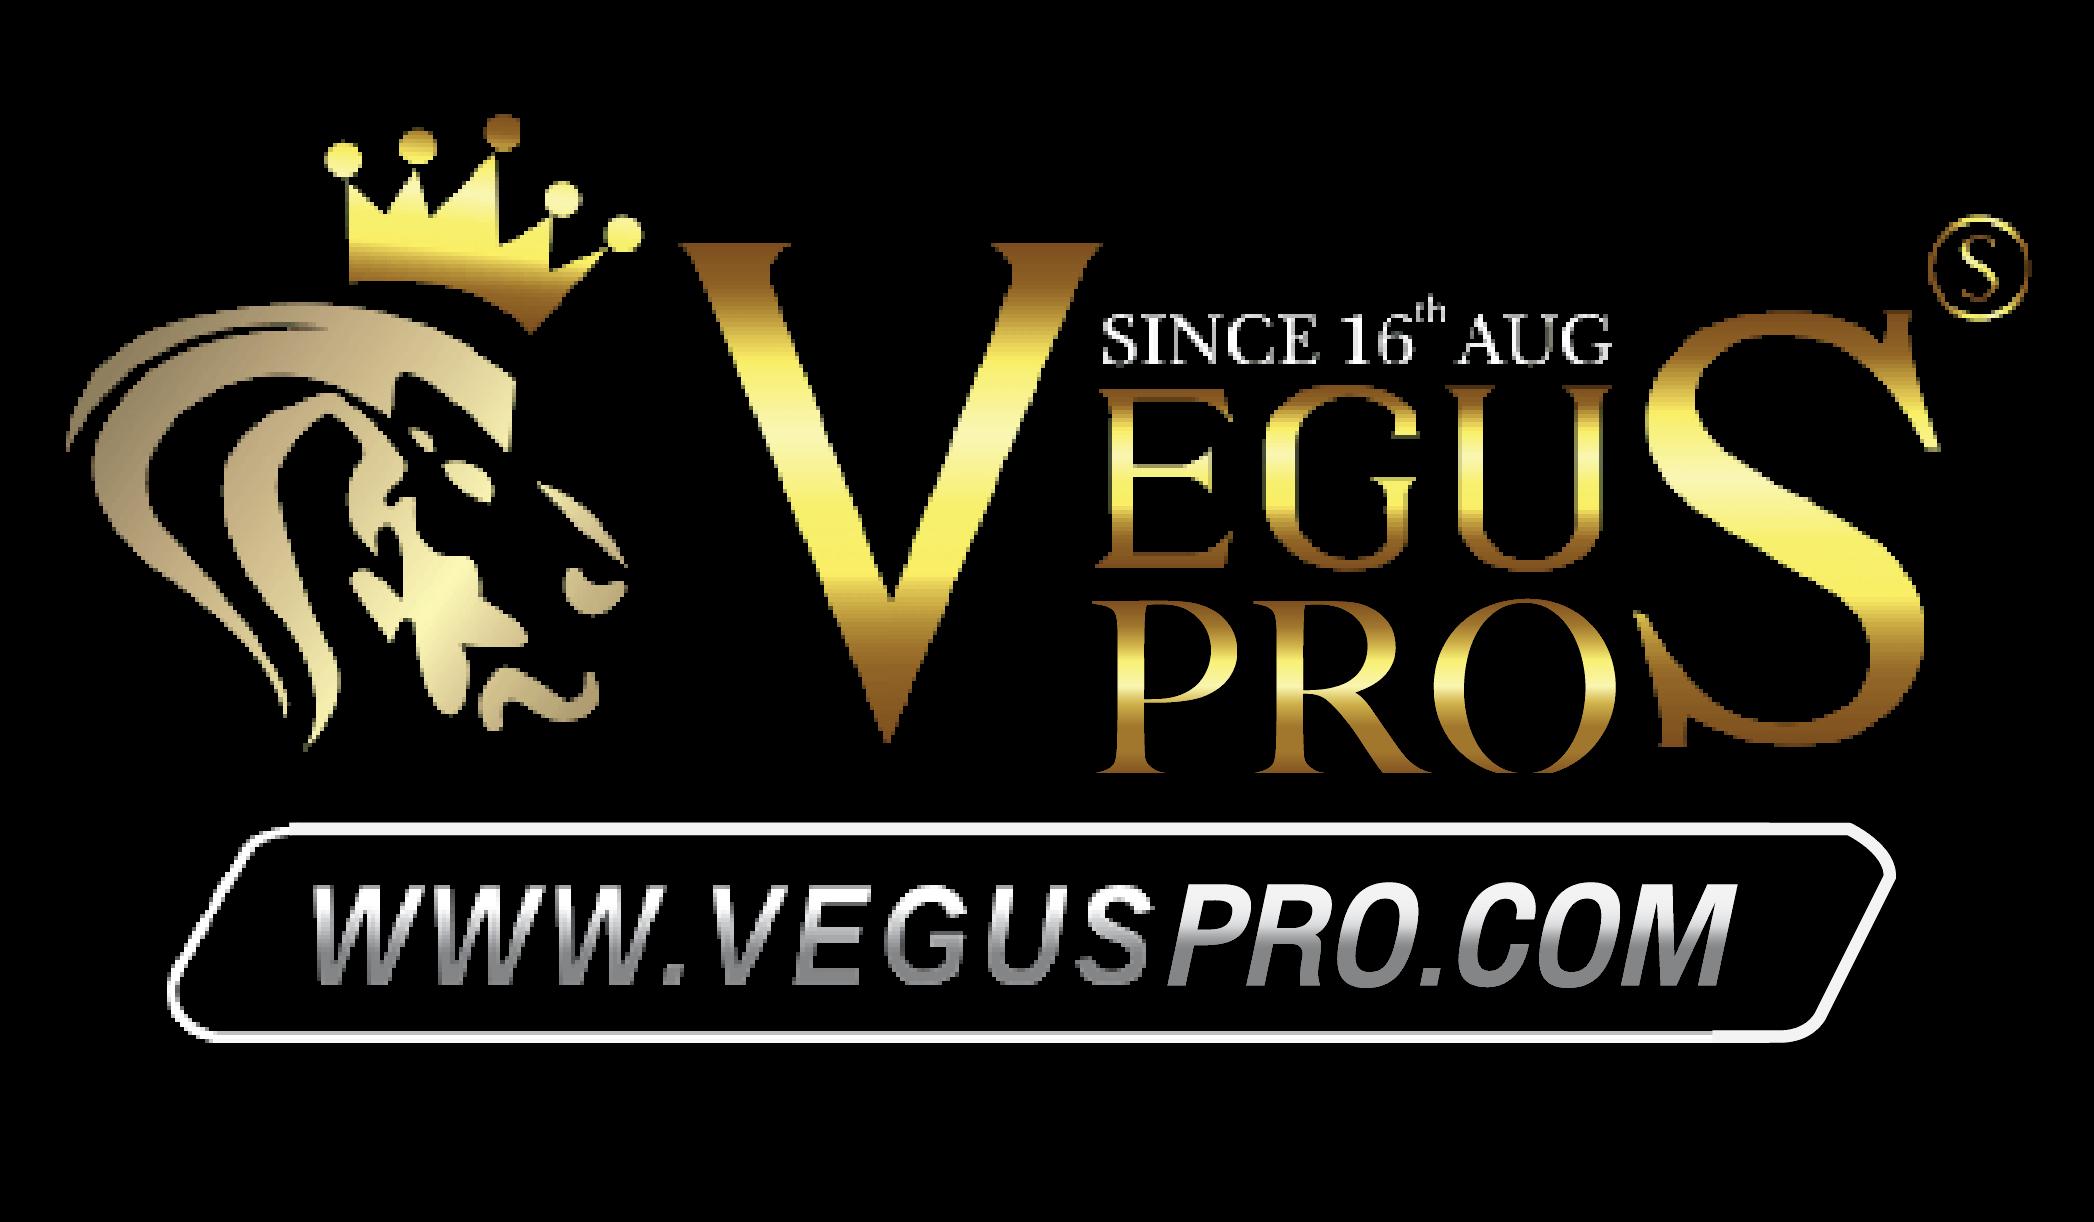 Vegus Pro